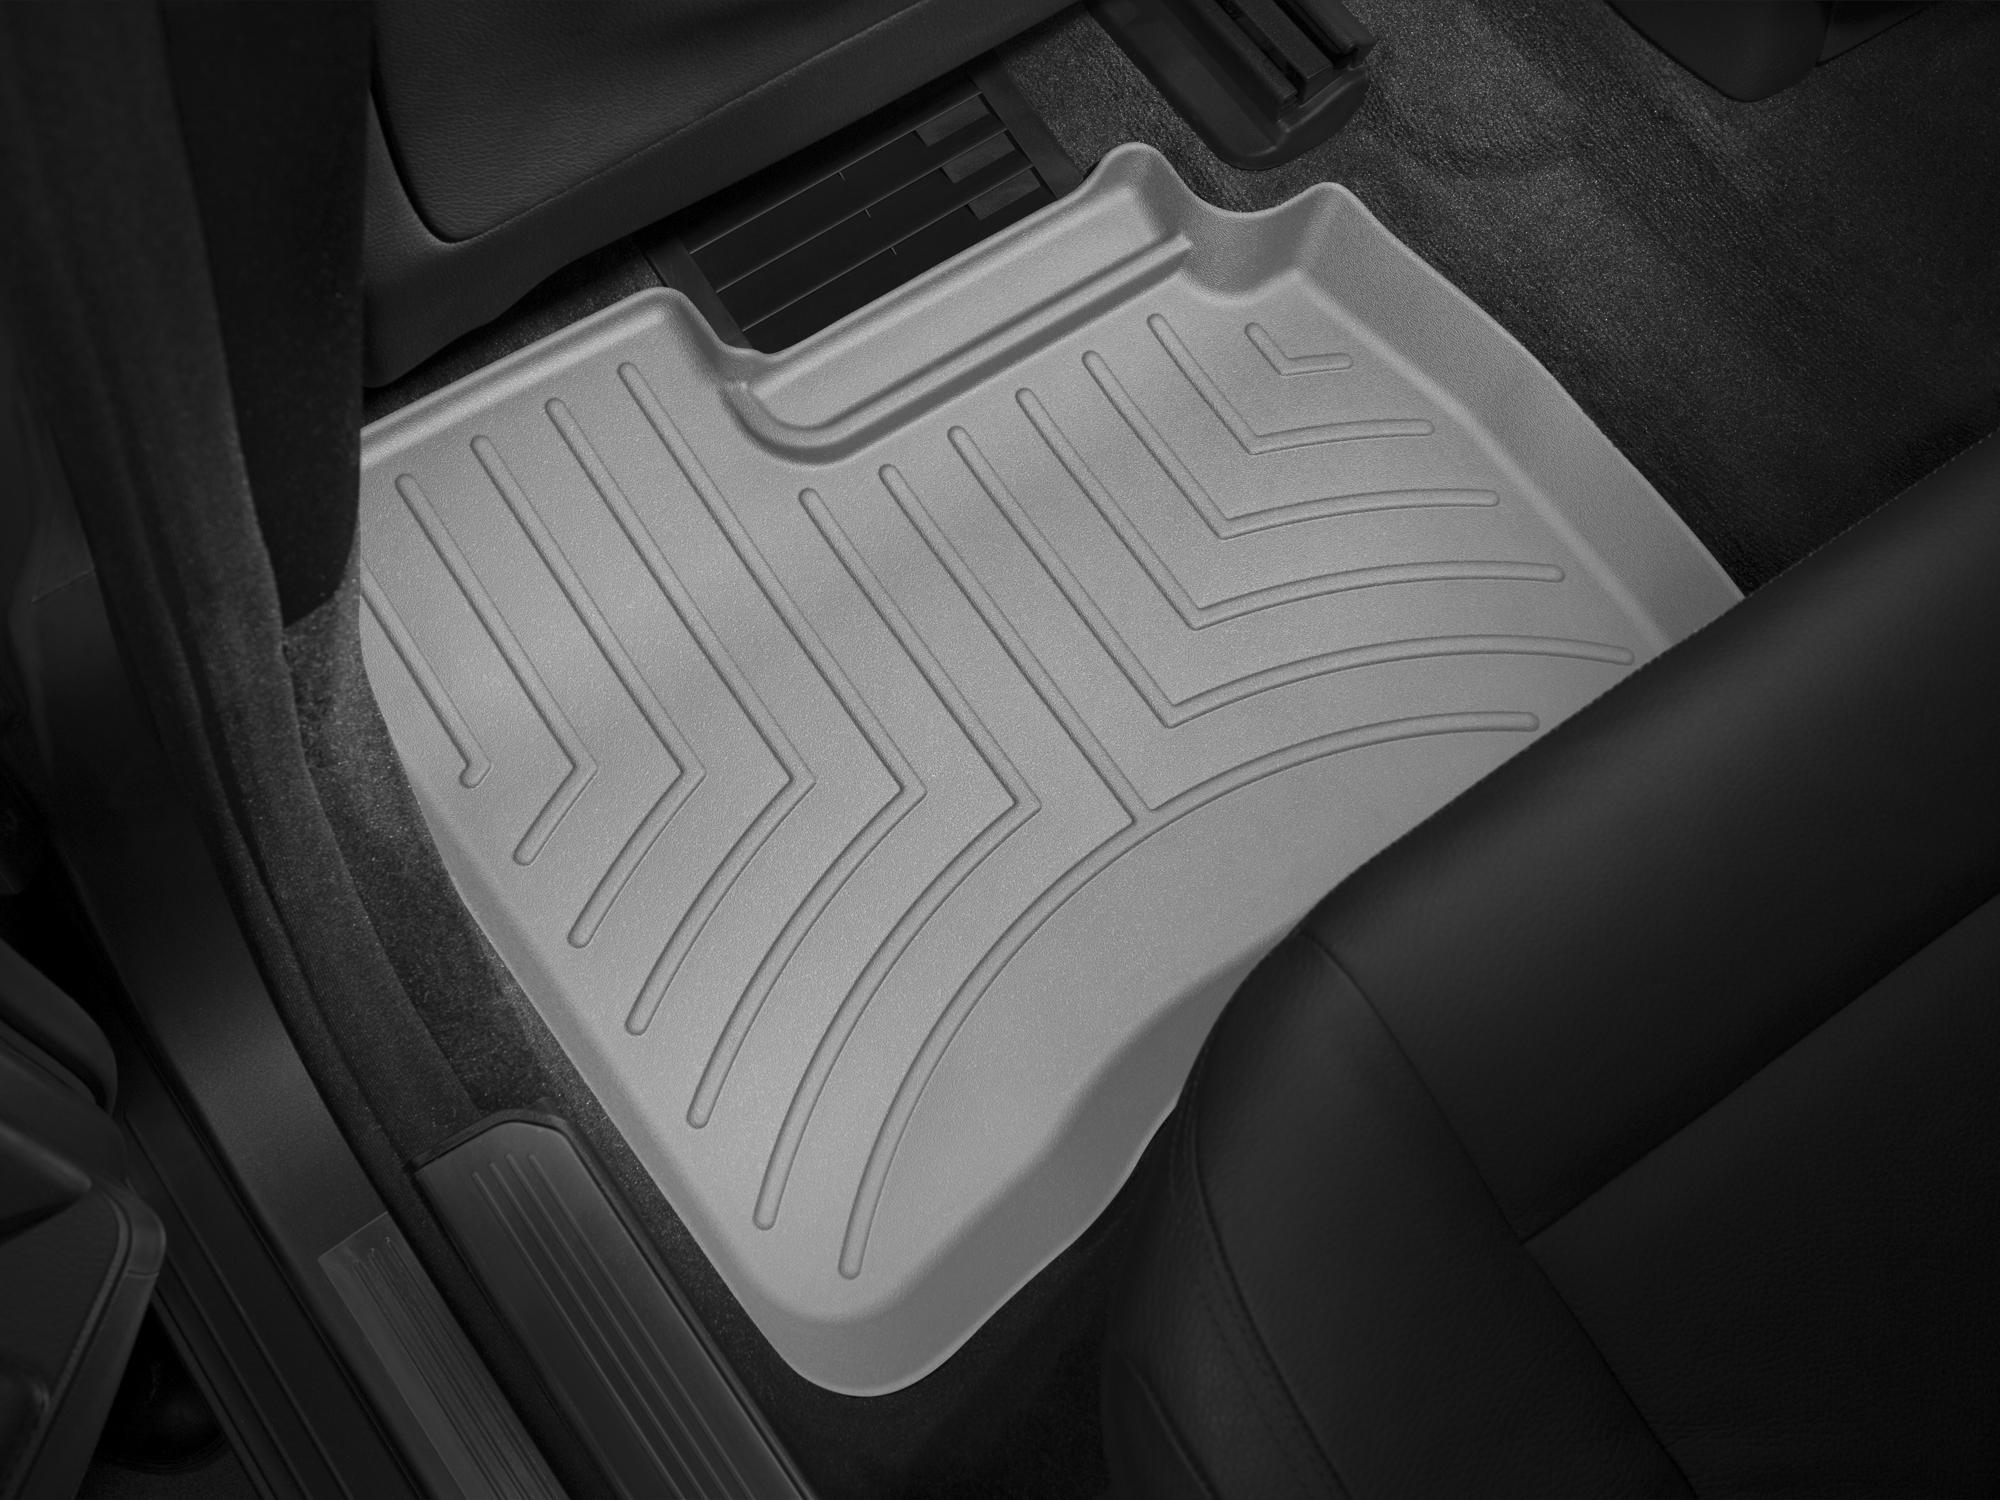 Tappeti gomma su misura bordo alto Mercedes S-Class 06>12 Grigio A2555